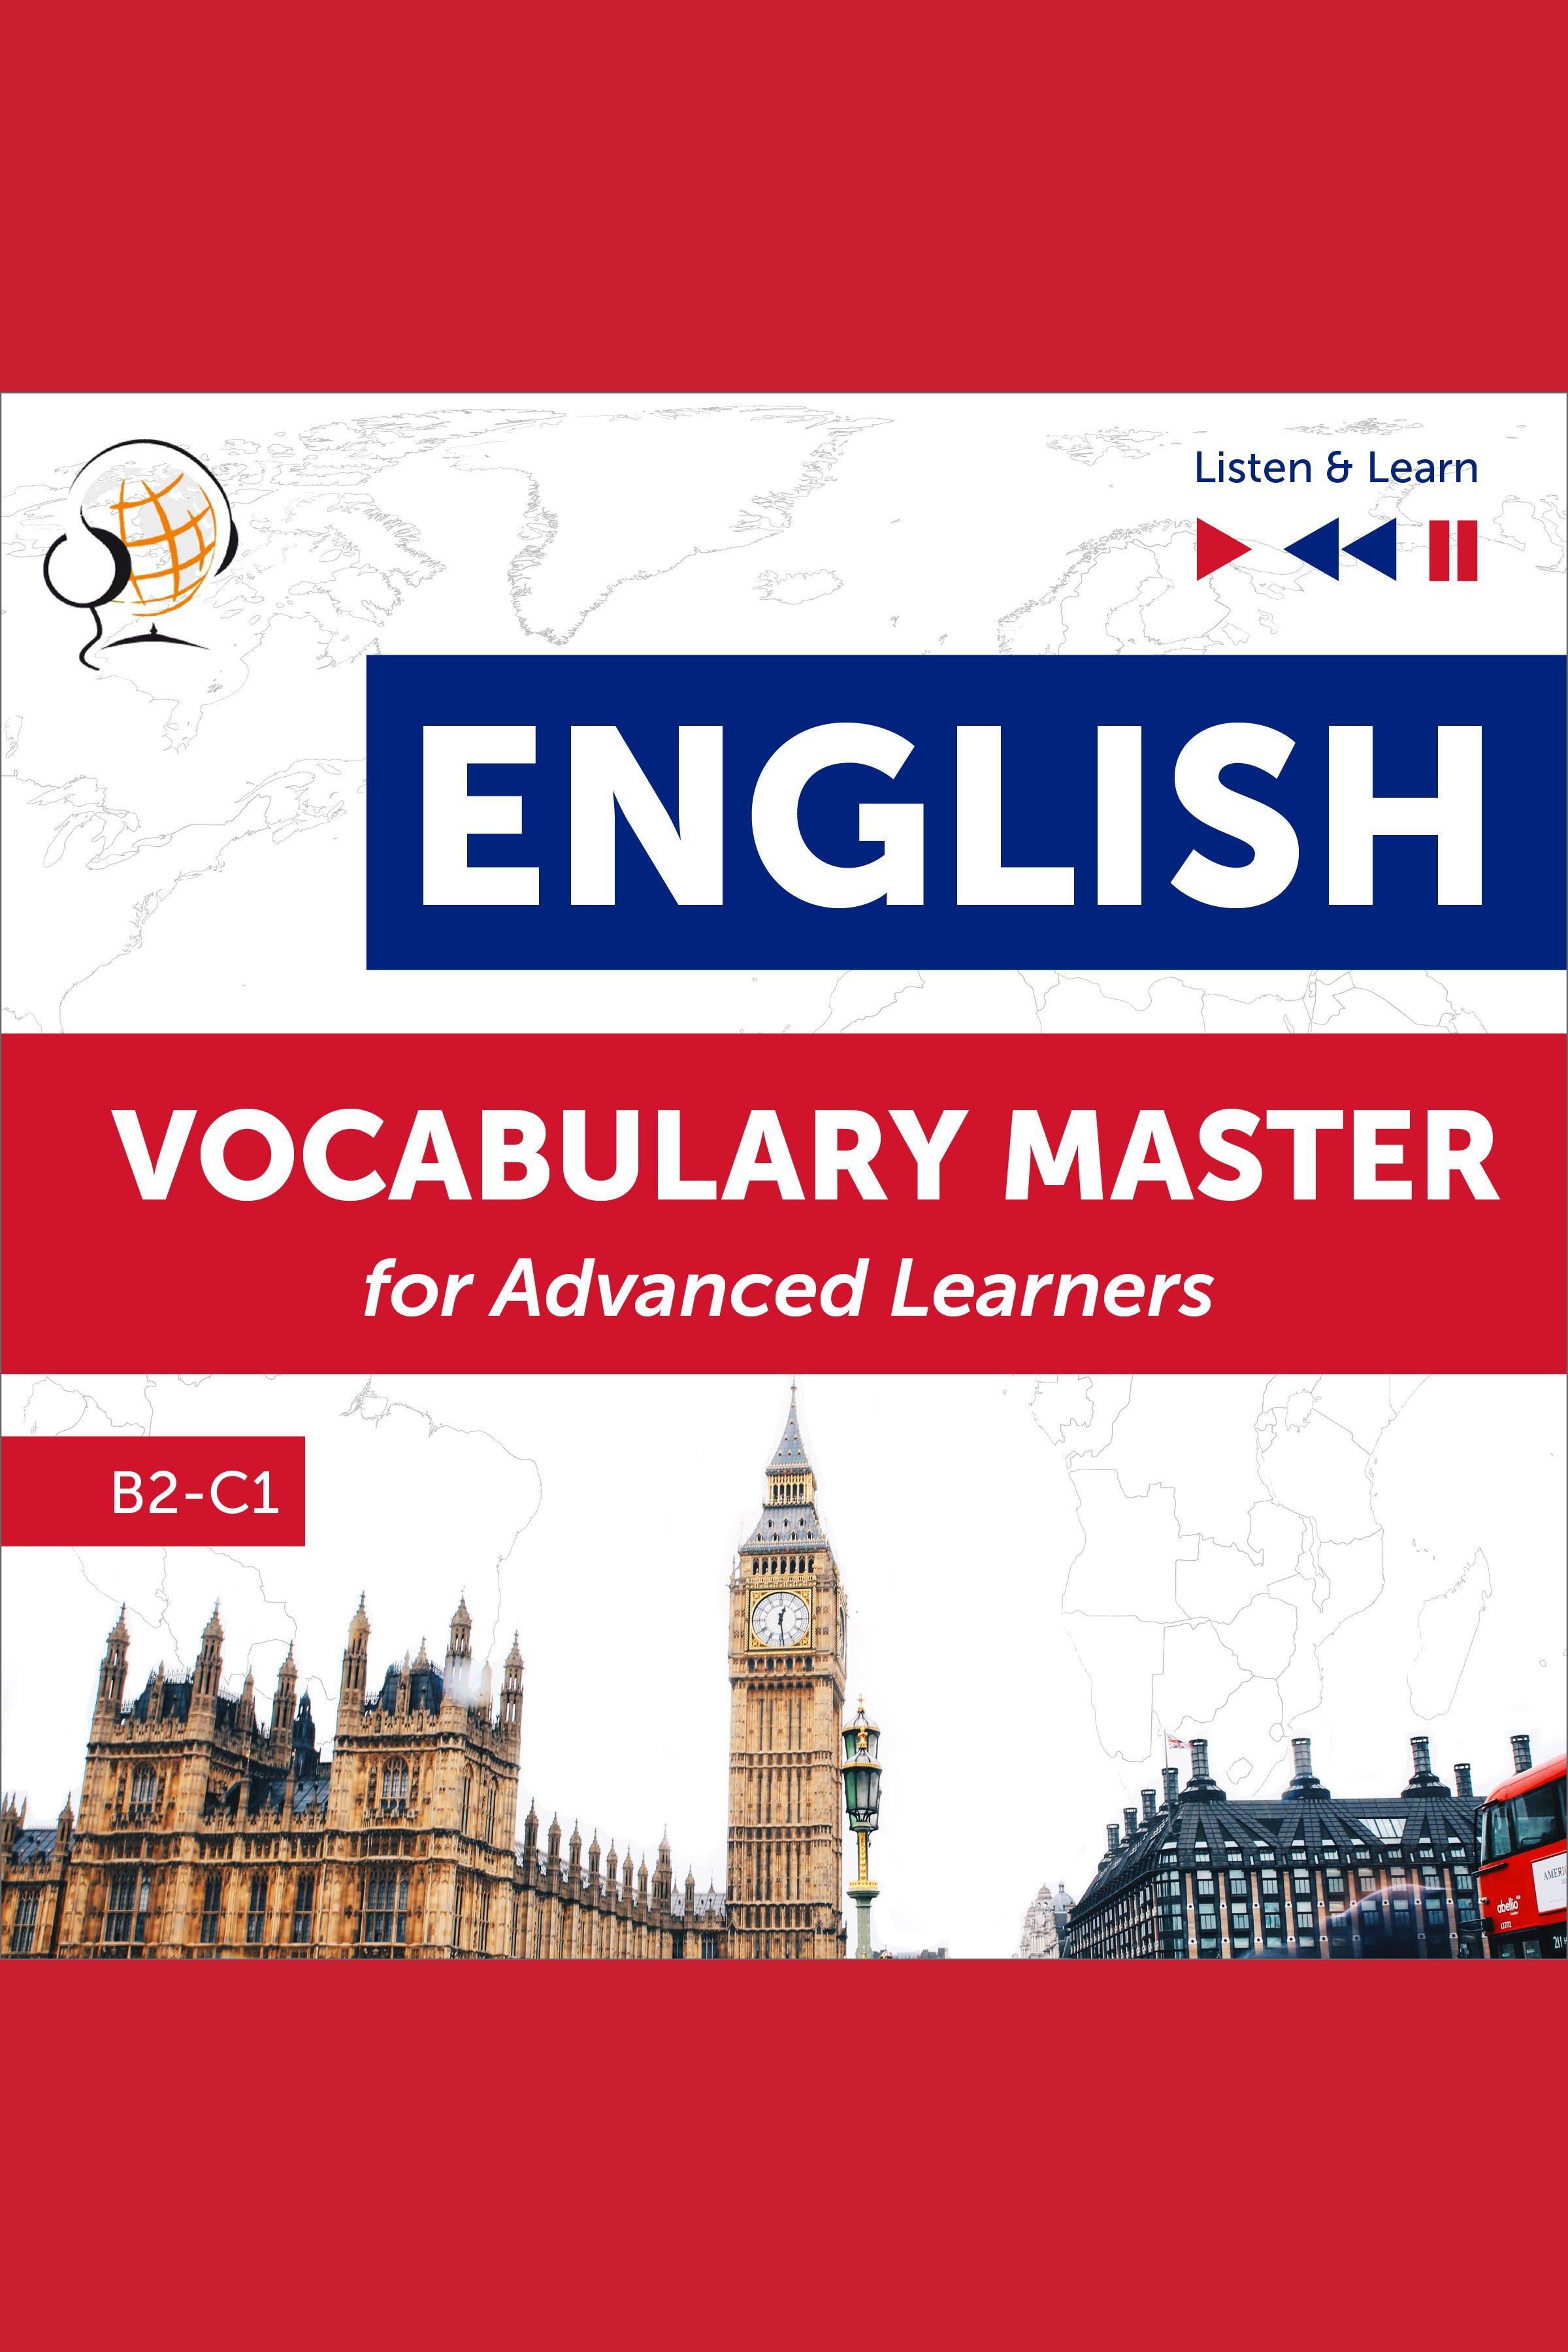 Esta es la portada del audiolibro English Vocabulary Master for Advanced Learners - Listen & Learn (Proficiency Level B2-C1)